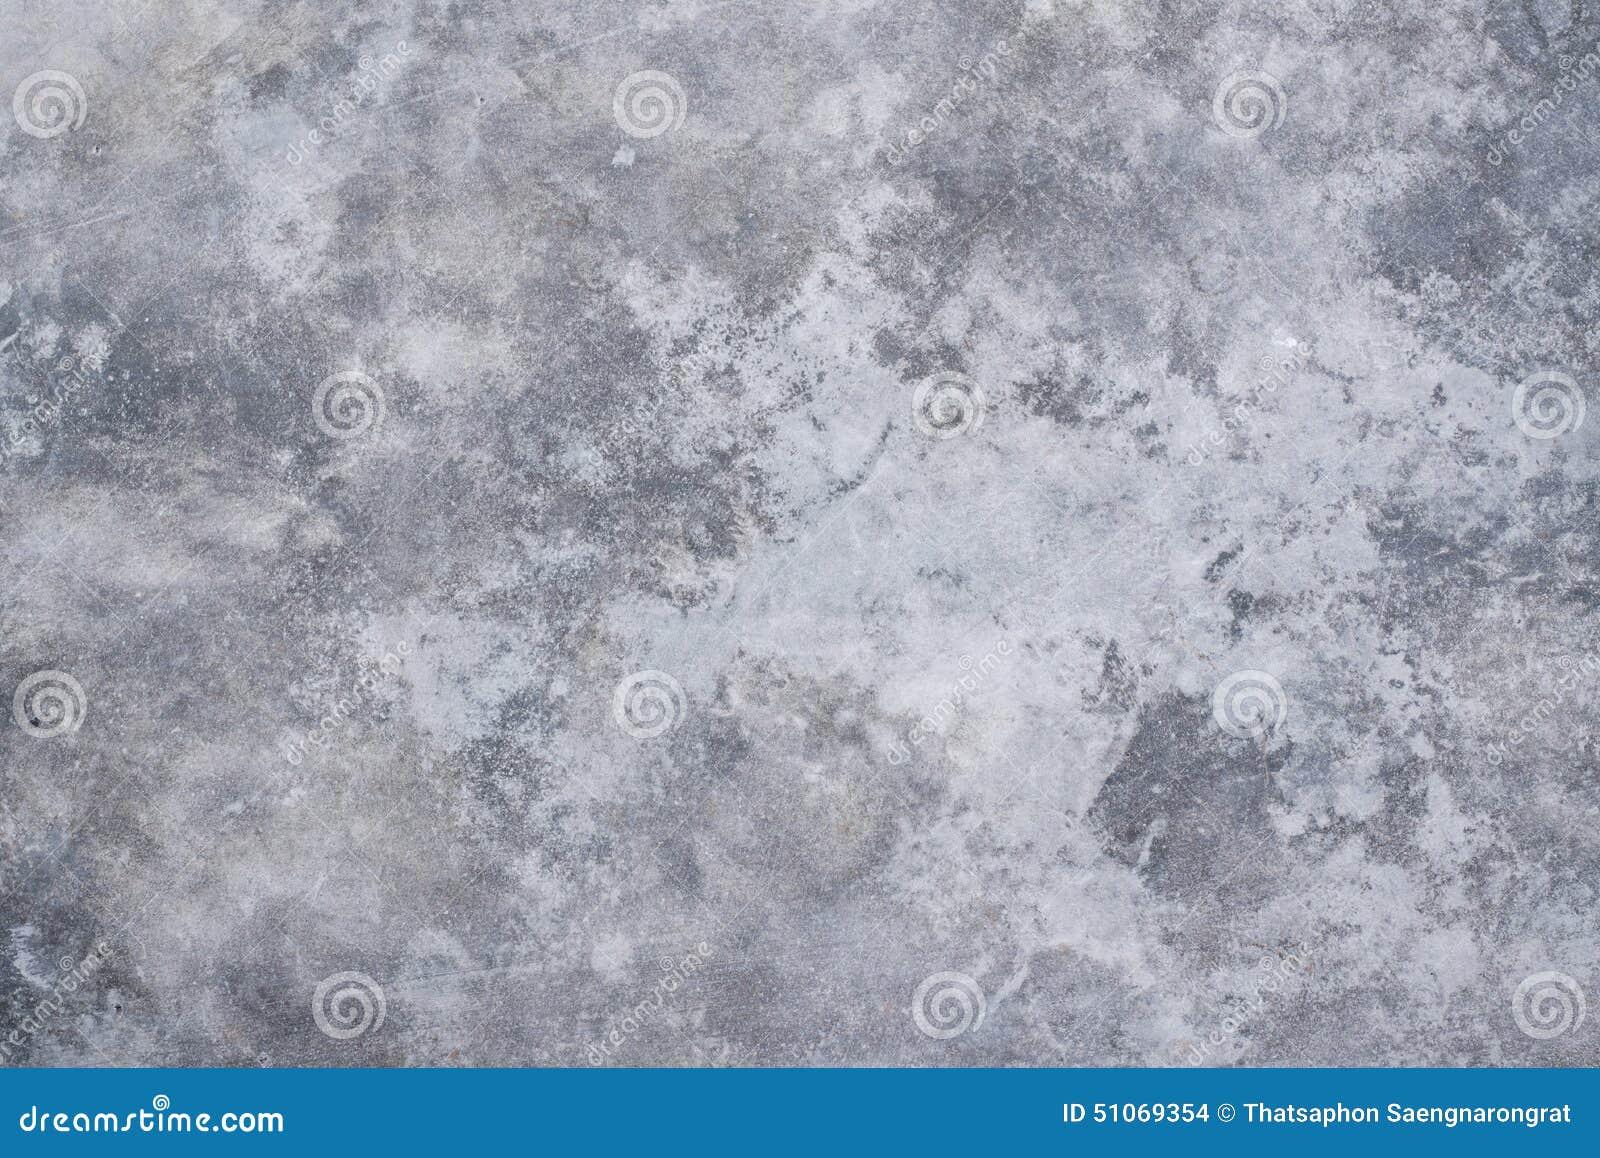 cemento concreto gris viejo pulido de la textura del piso foto de archivo